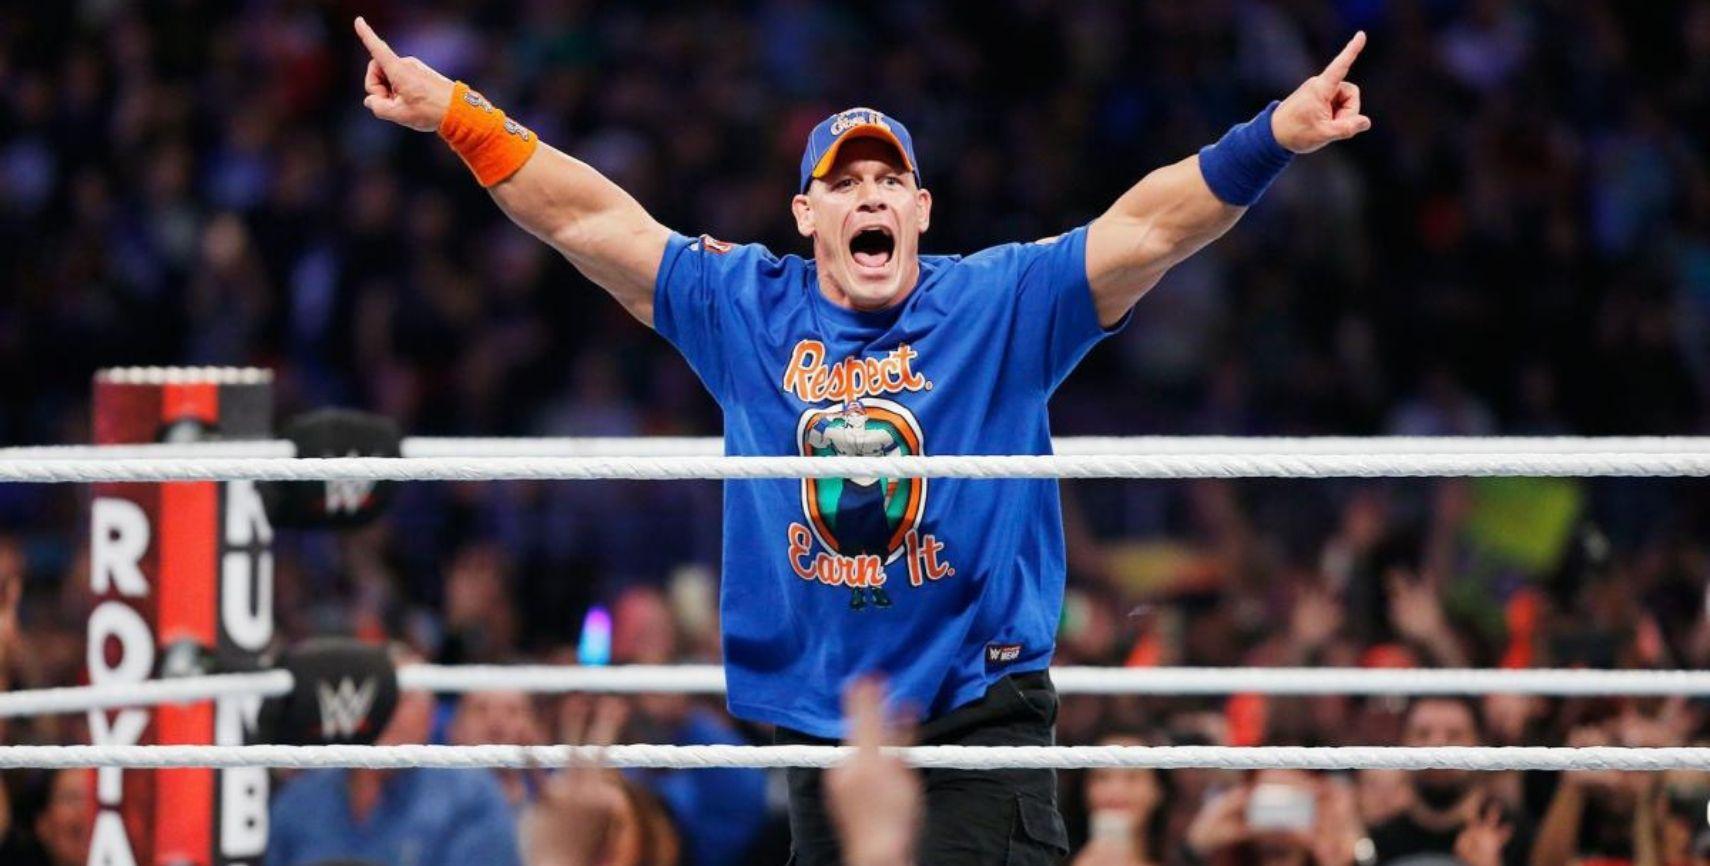 [Rumor] John Cena Could Return To Headline SummerSlam